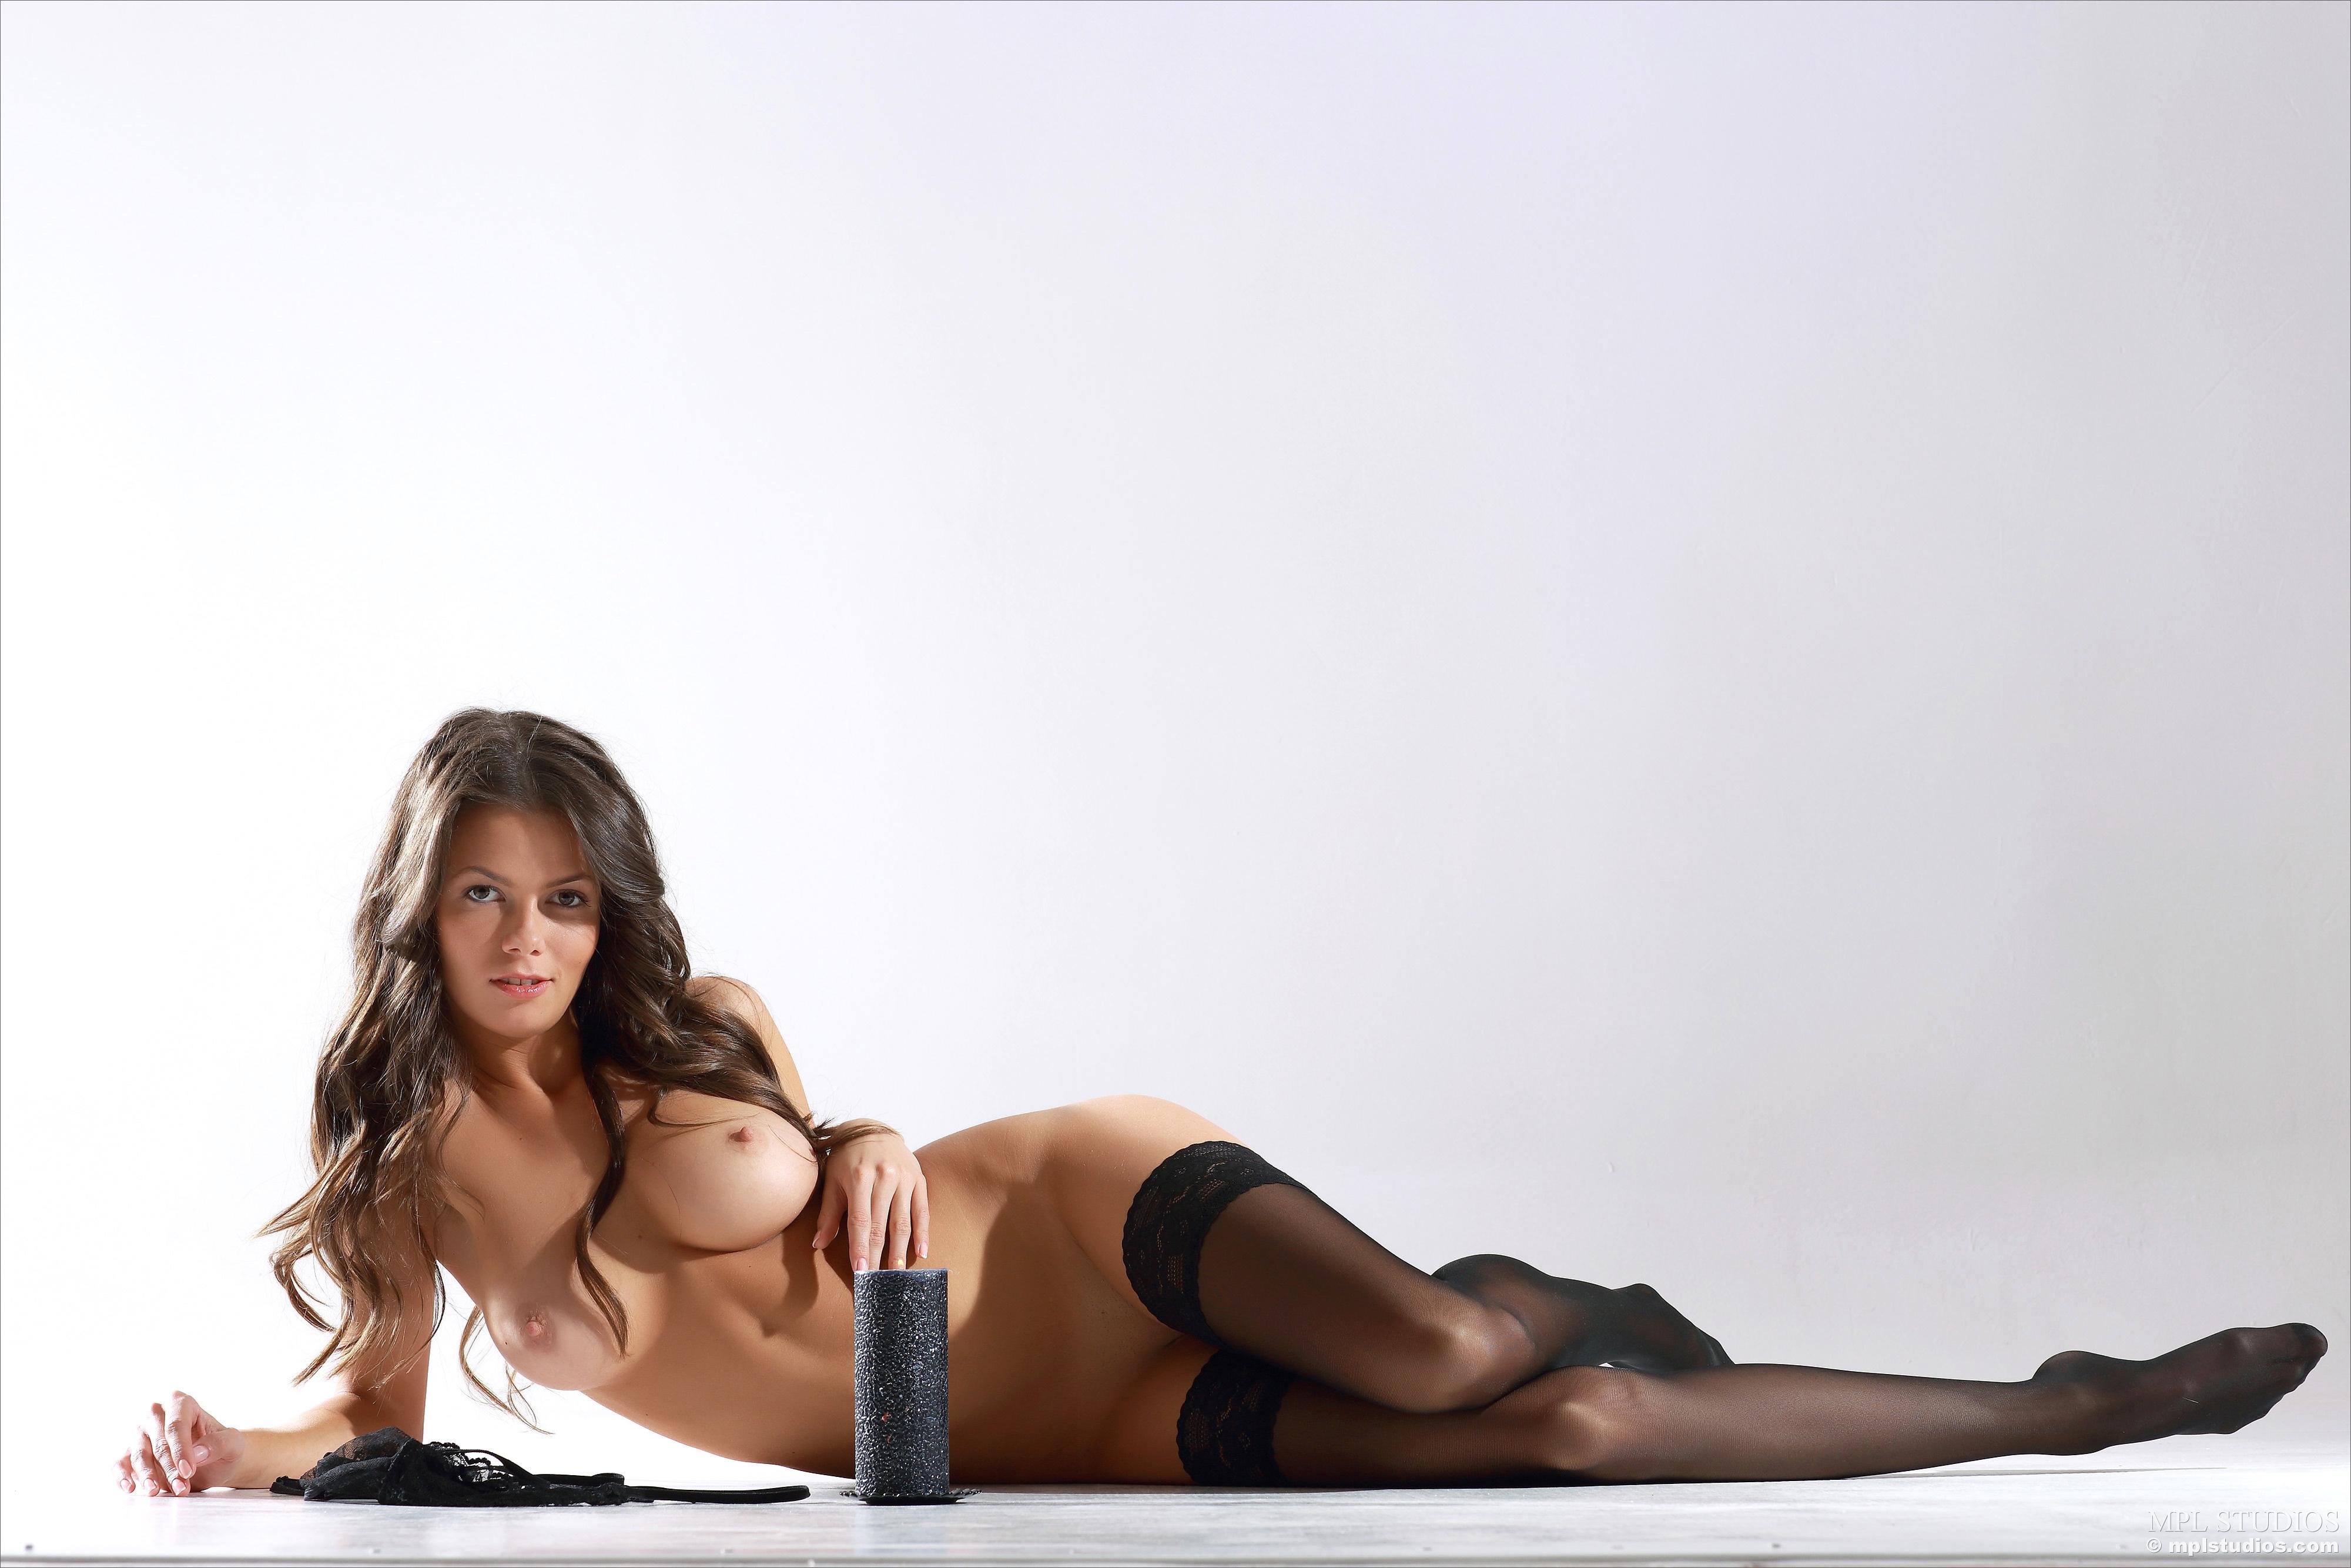 Сексапильная девушка в чулках 5 фотография